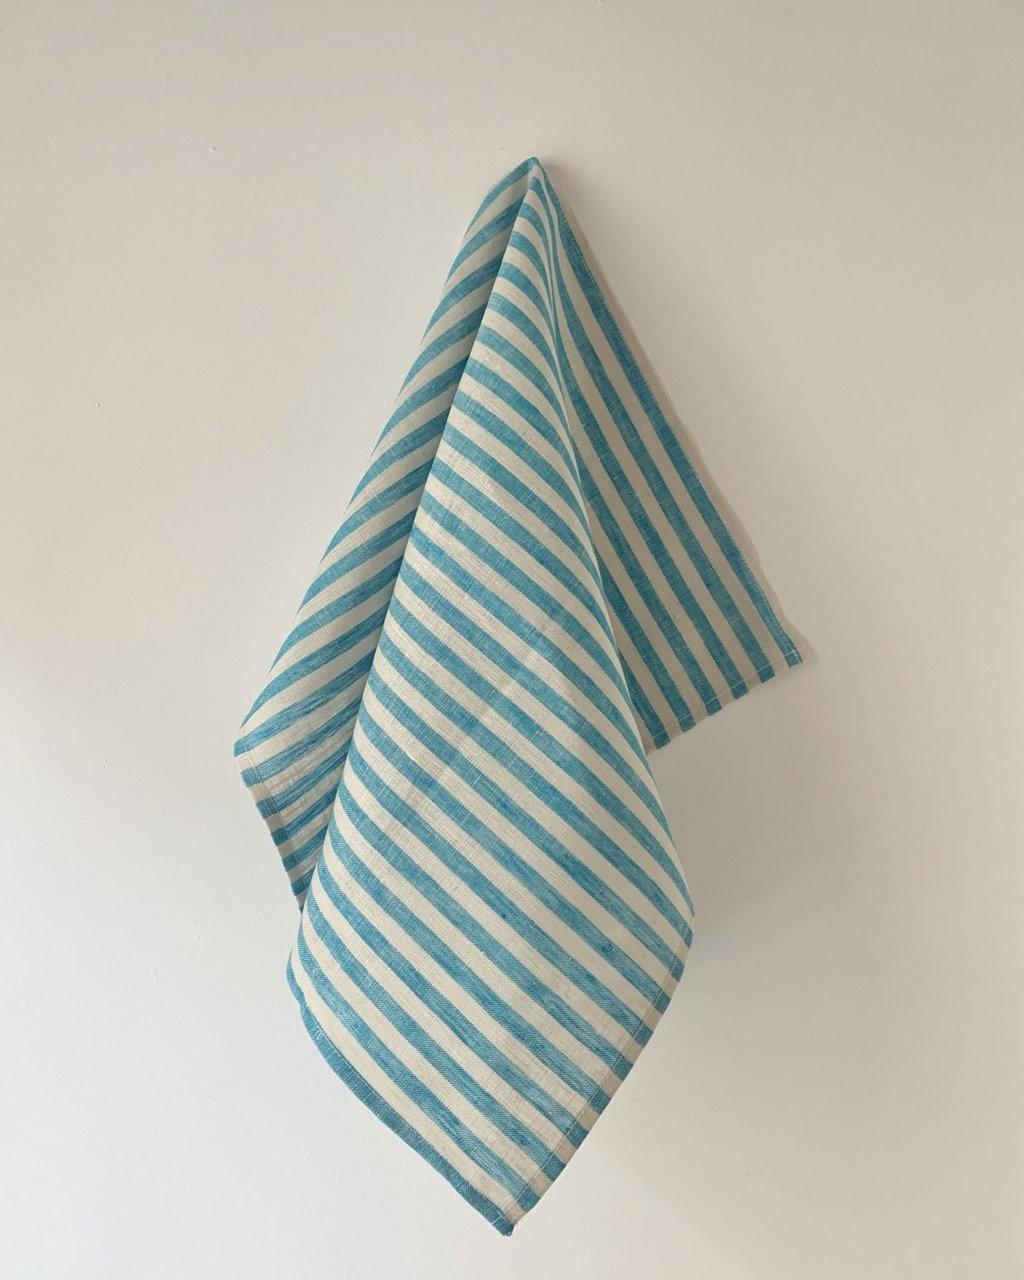 Fog Linen Work Linen Kitchen Cloths